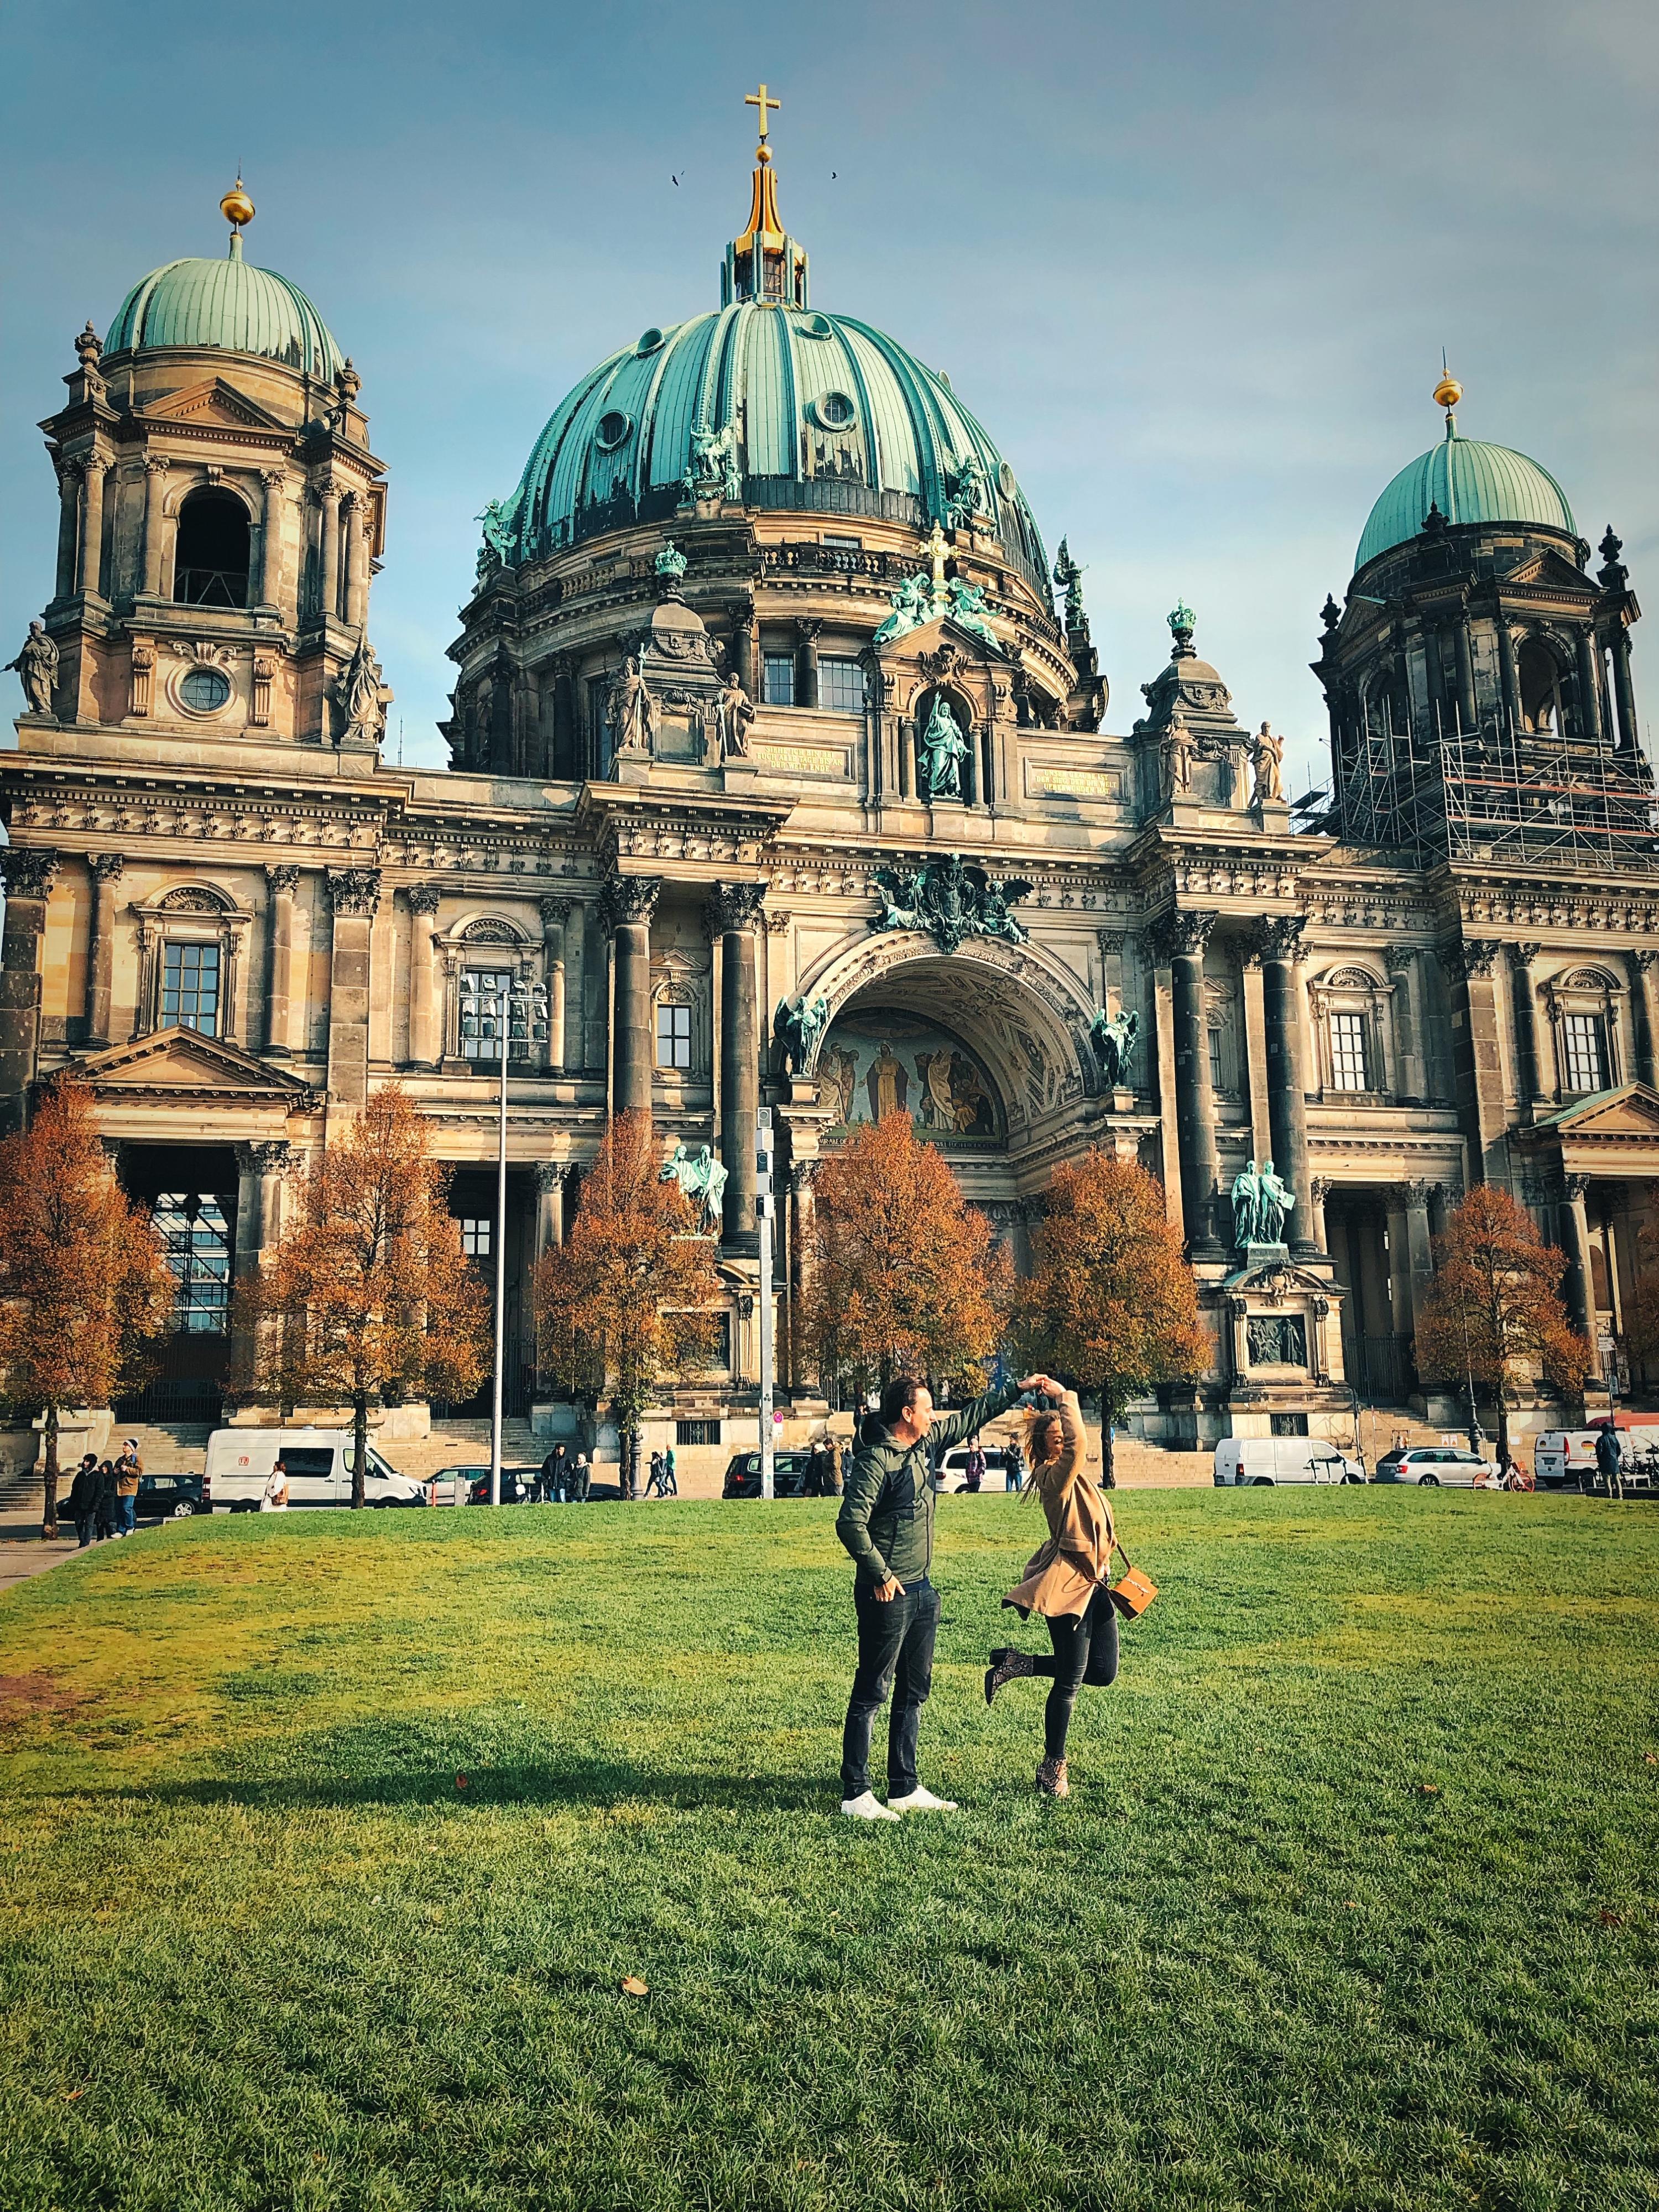 Pirouettes draaien voor de Berlijnse Dom